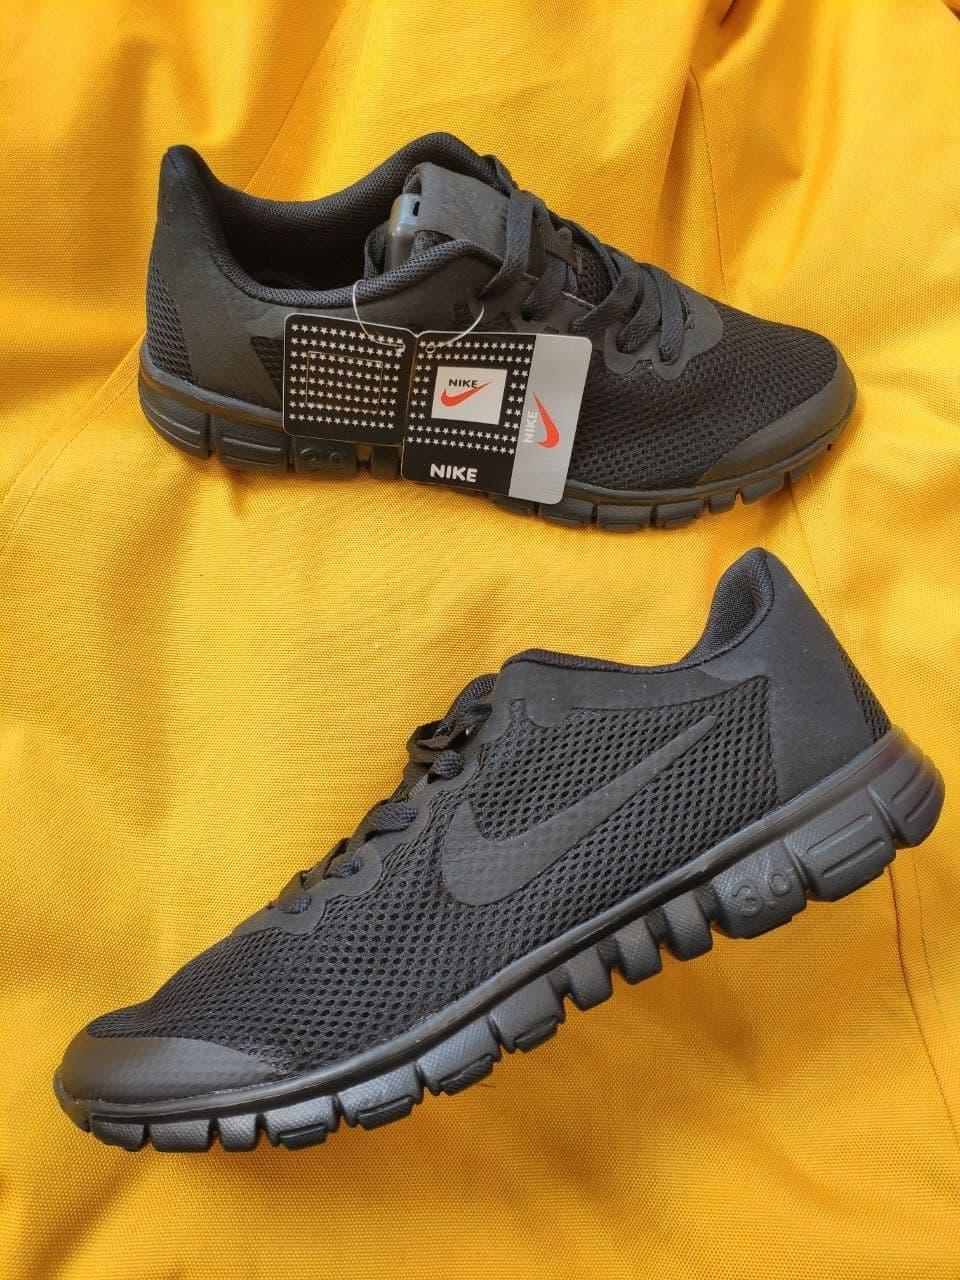 Мужские кроссовки Nike Free Run 3.0 (черные) стильные спортивные кроссы для бега D99